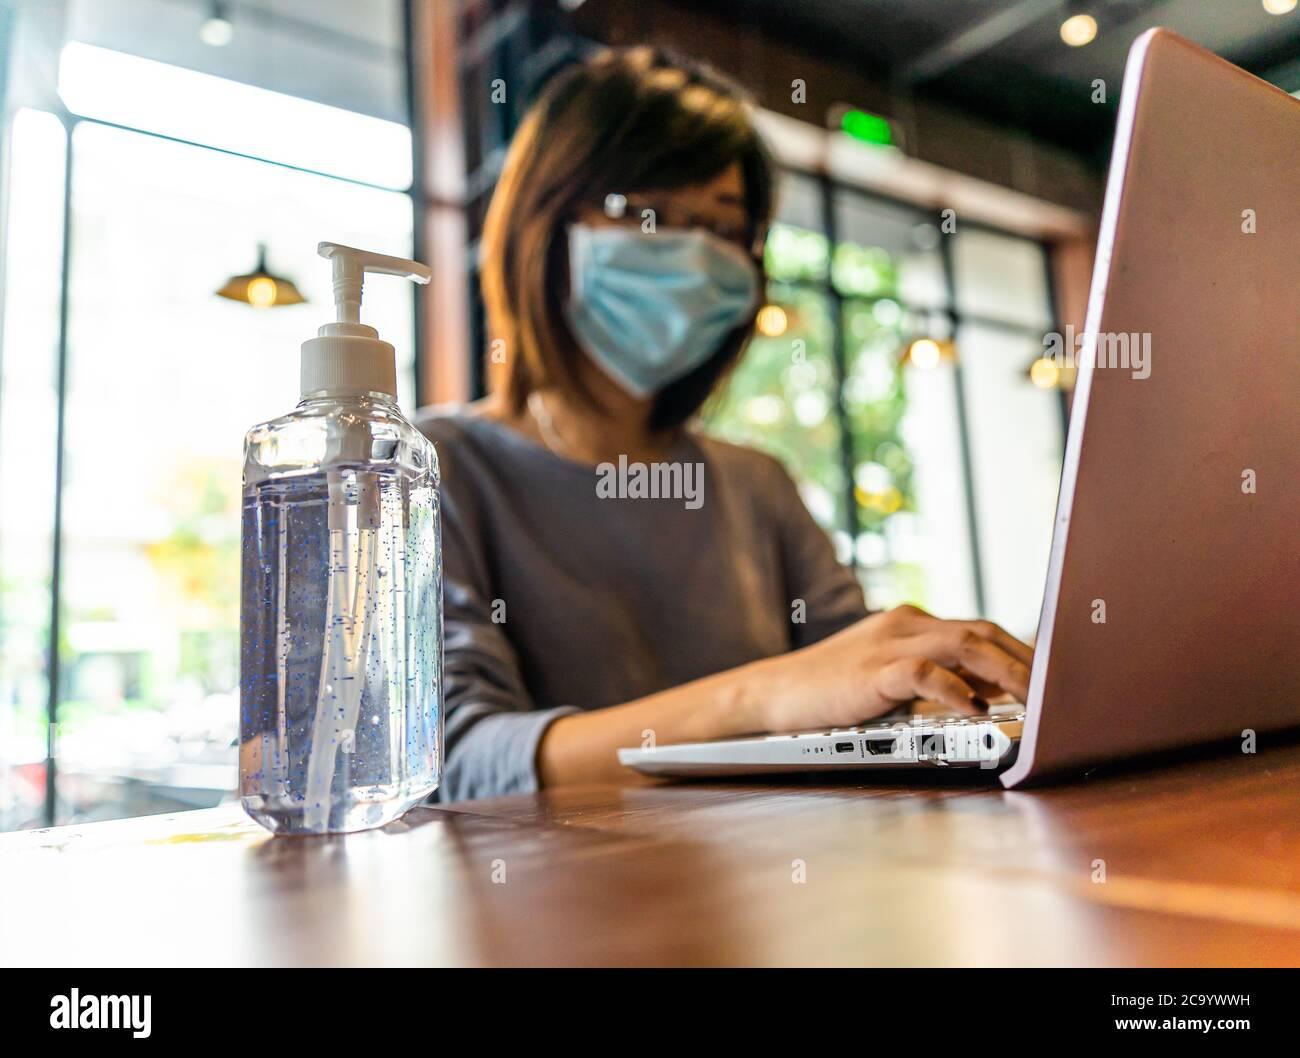 Junge asiatische Frau mit Laptop-Computer arbeiten zu Hause mit Alkohol Gel in Quarantäne für Coronavirus Tragen Schutzmaske mit sozialen Distanzierung Stockfoto